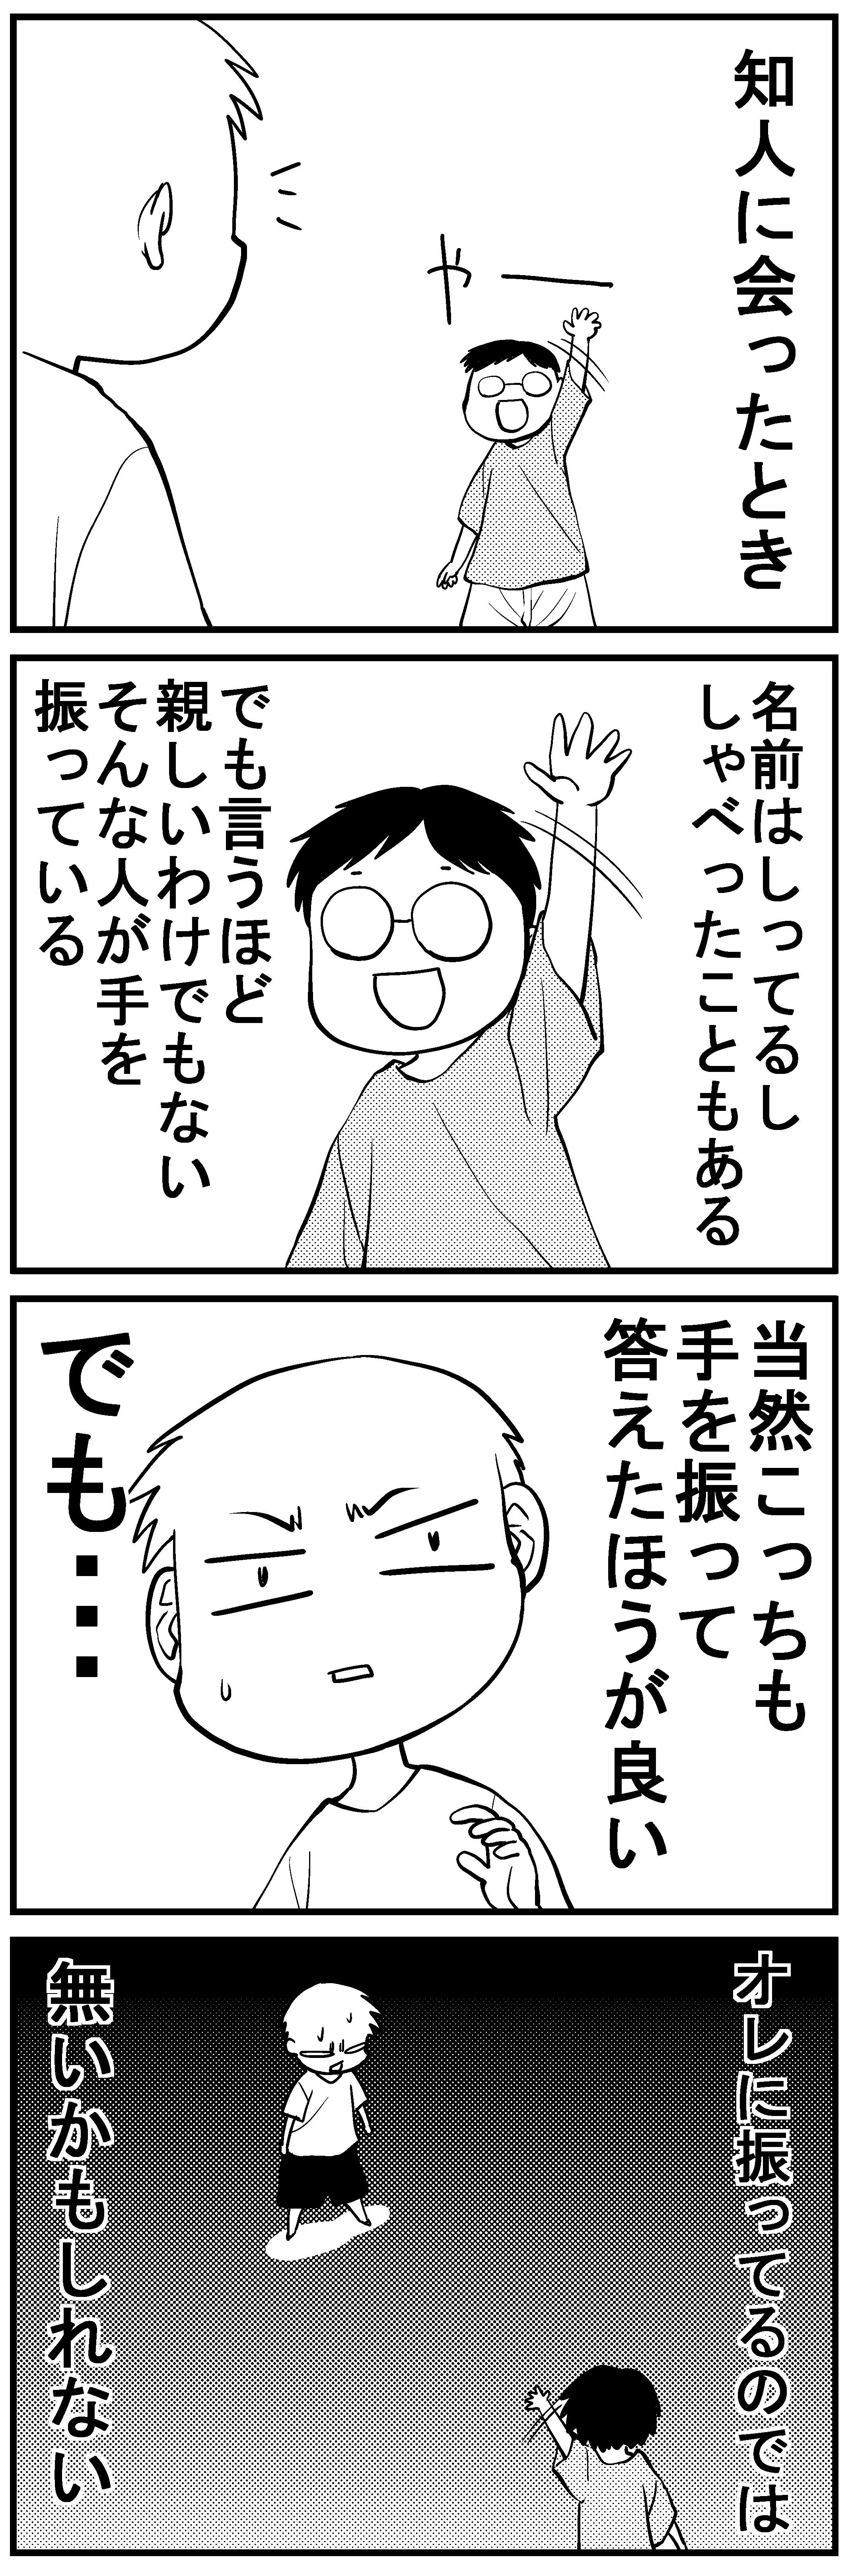 深読み君4_mini